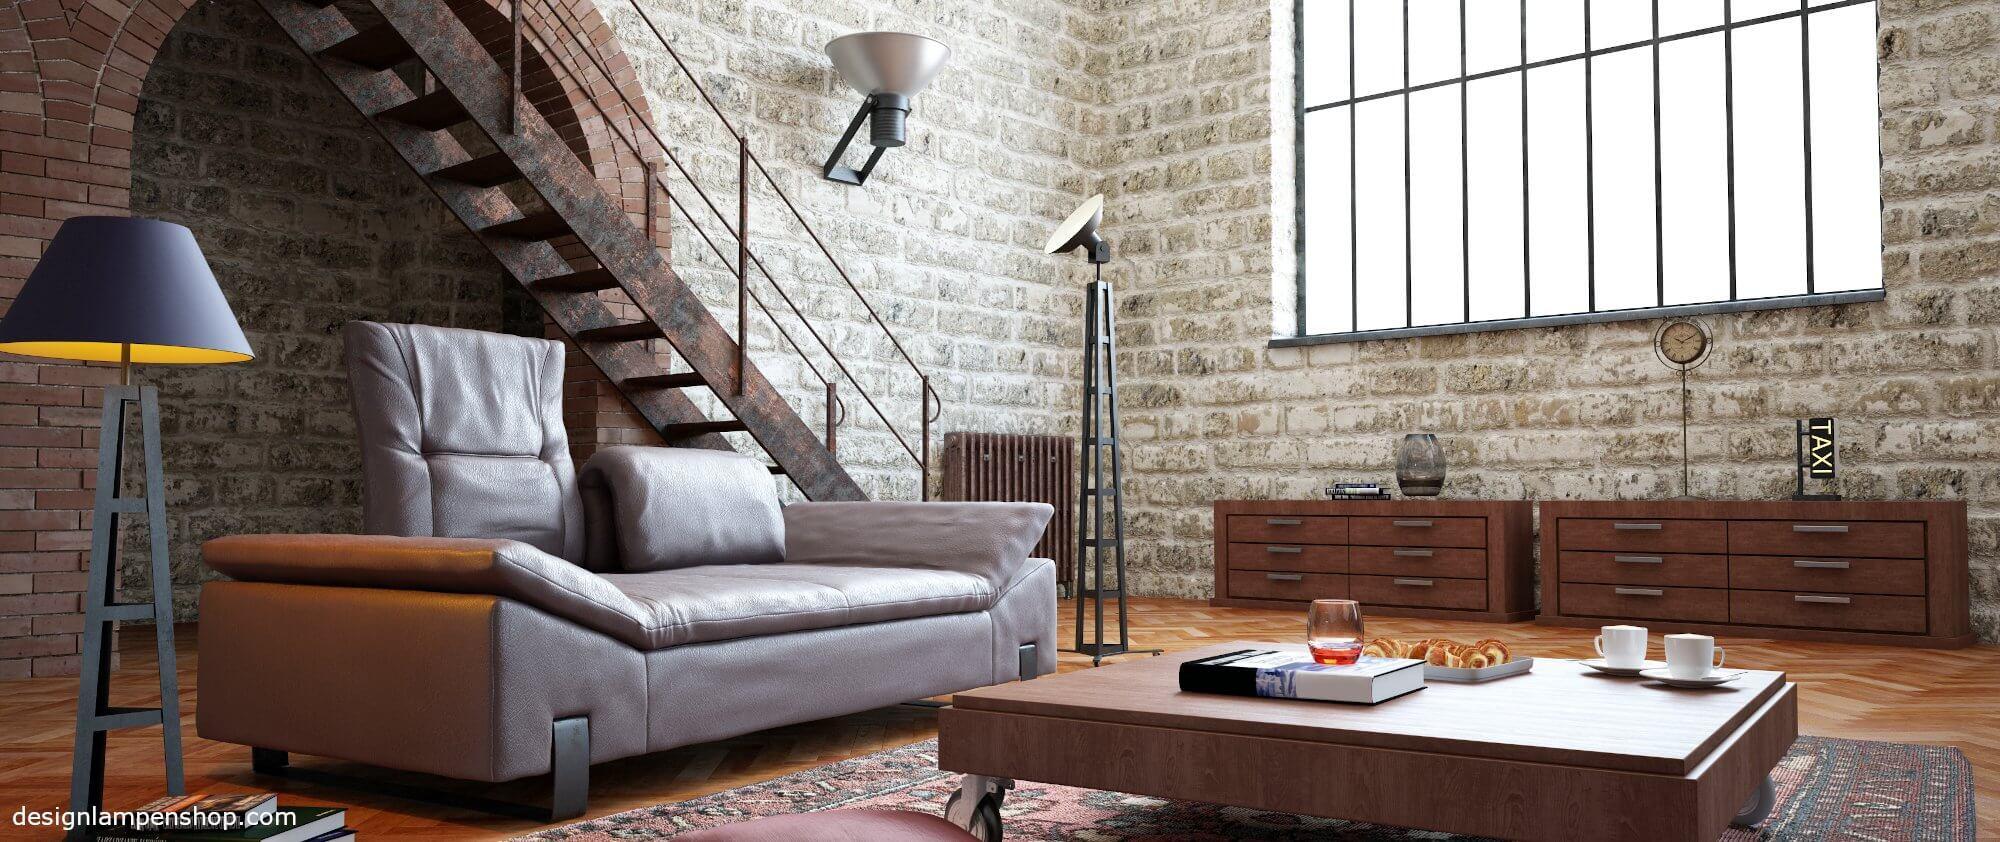 Stehlampen im WOhnzimmer oder einem Loft